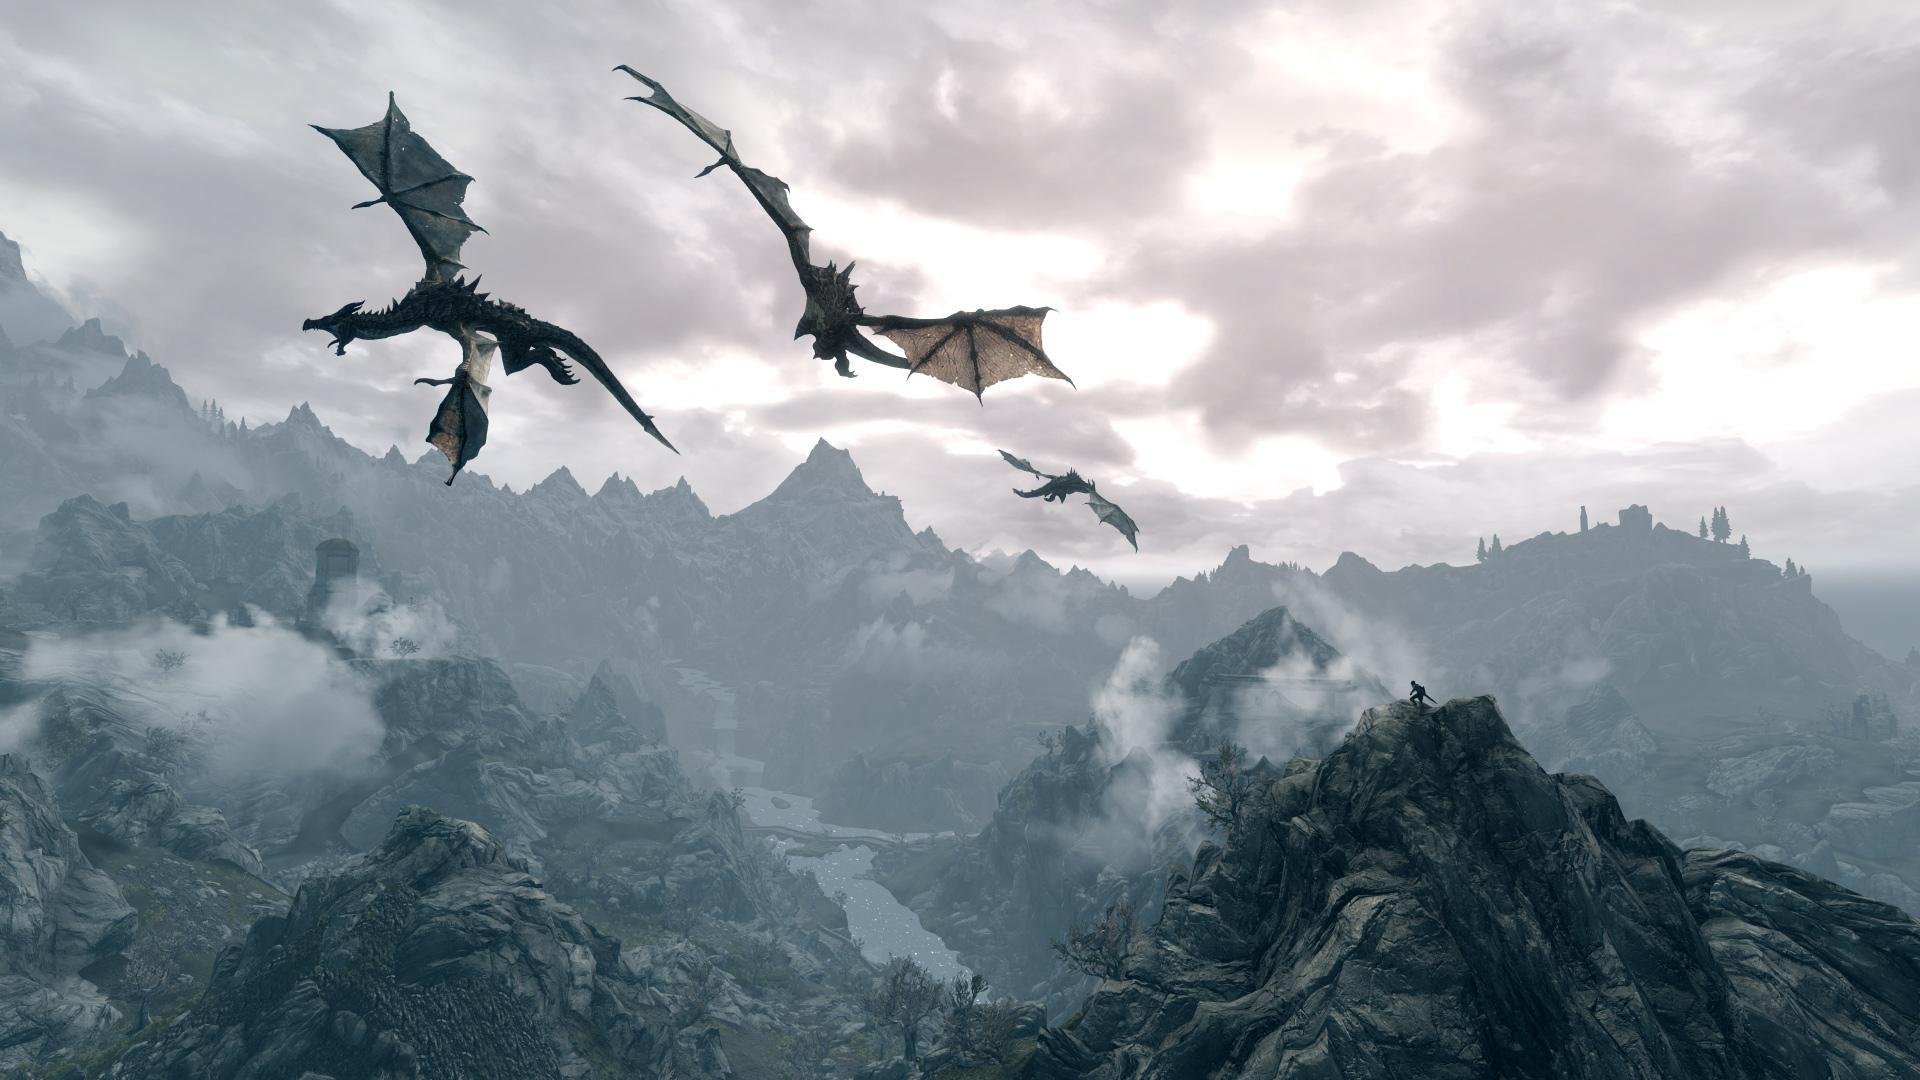 Skyrim Dragon Wallpaper HD